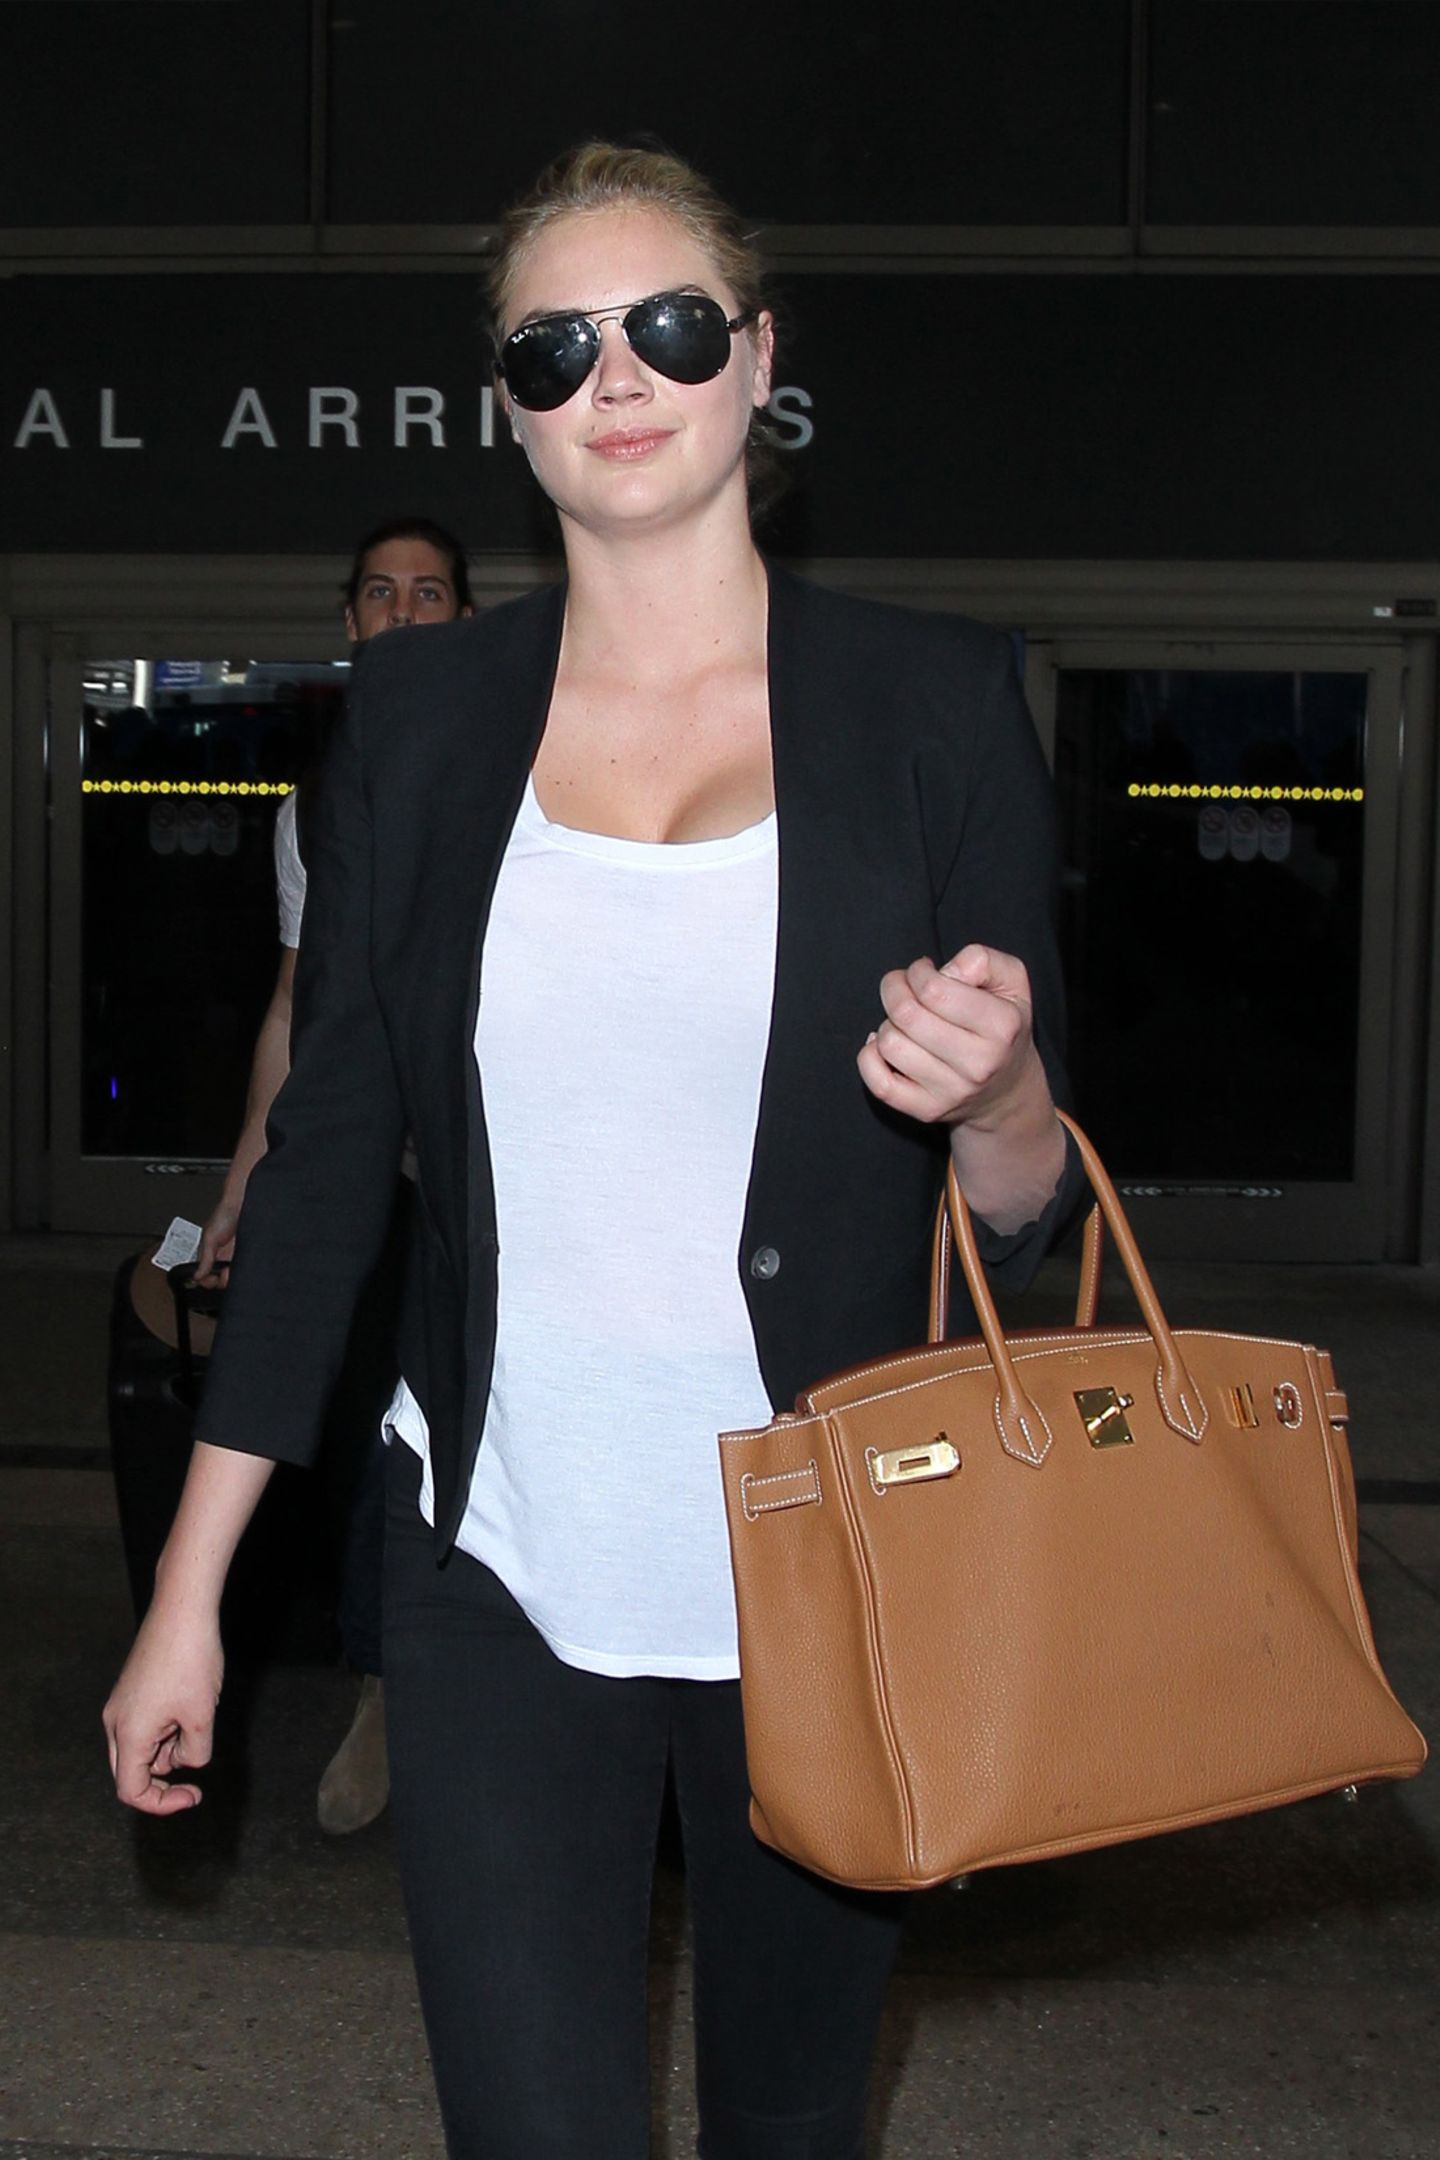 """Der hohe Preis lohnt sich. Wer eine von Handarbeit gefertigte """"Birkin Bag"""" von Hermès ergattert, hat Jahre in einer Warteschlange verbracht und wird noch lange etwas von der Ledertasche, von der es nur eine geringe Anzahl an Exemplaren gibt, haben. Stars wie Kate Upton tragen sie täglich.   ab ca. 9.000 €"""